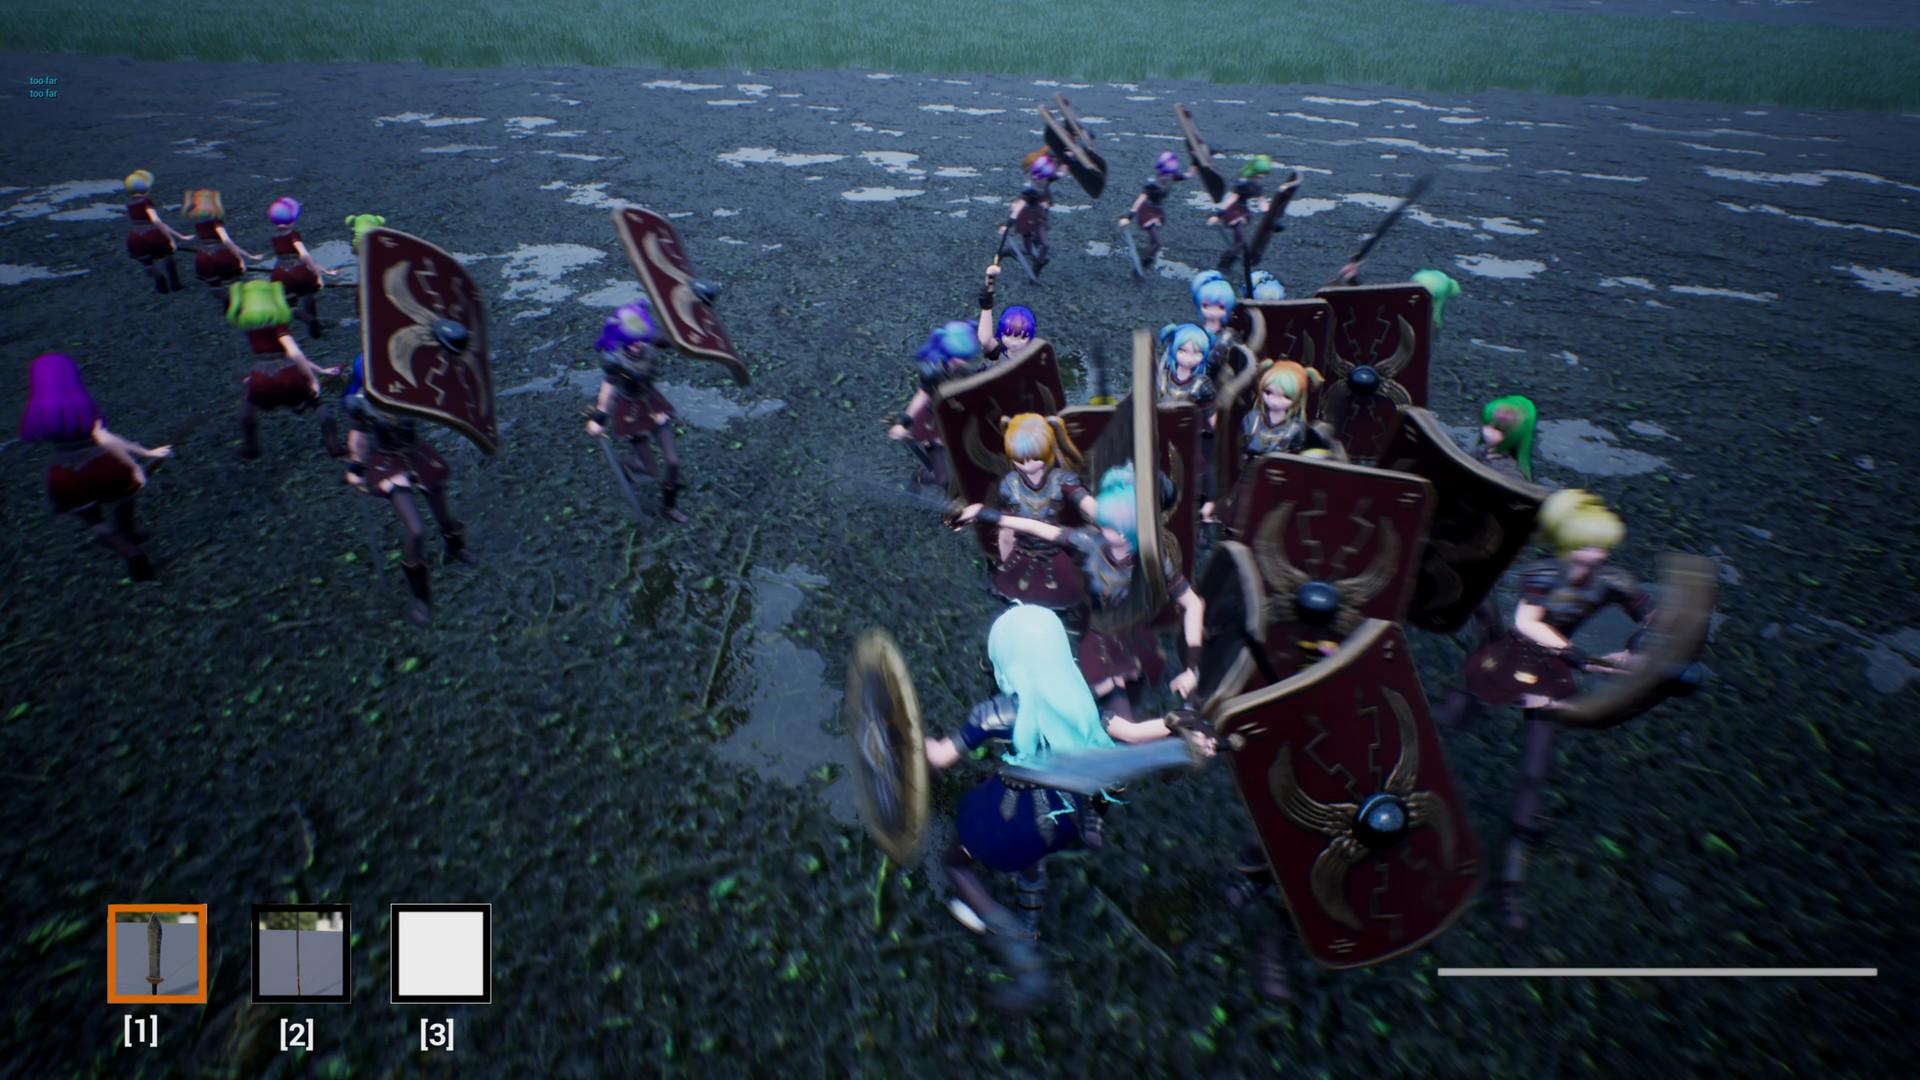 《少女文明》游戏画风奇特 奇葩的《骑砍》模仿者